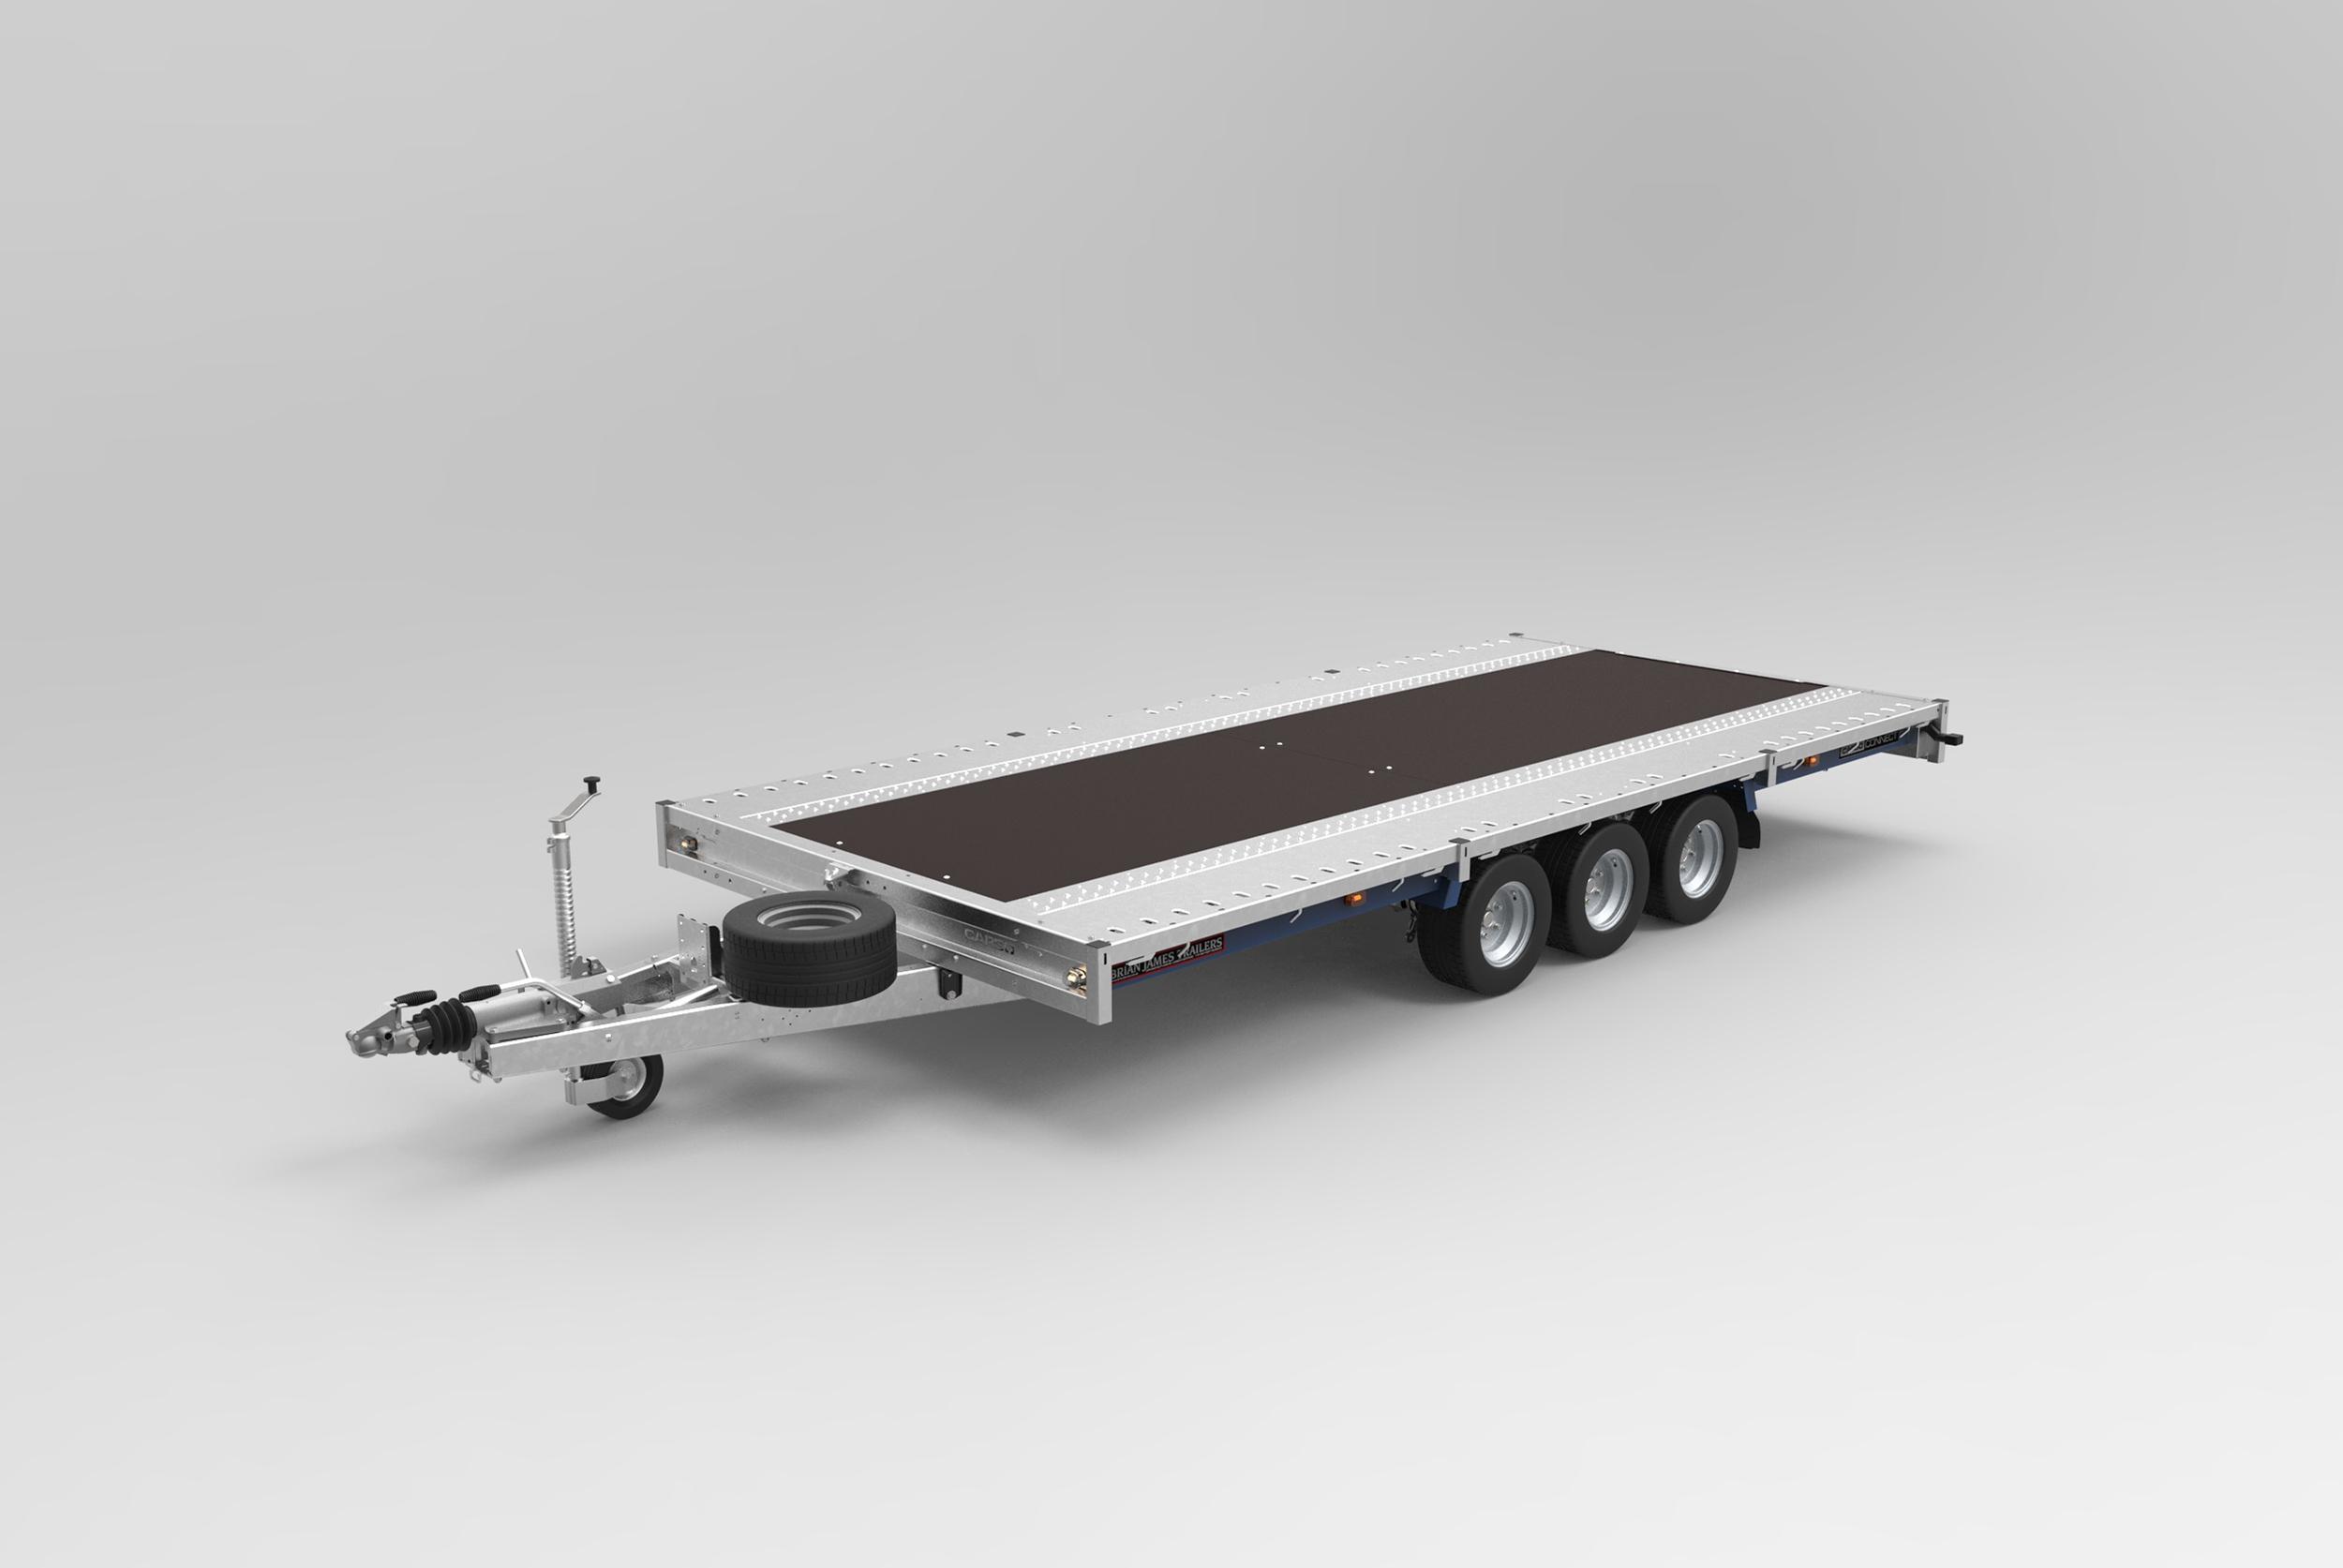 BJT flat deck trailer